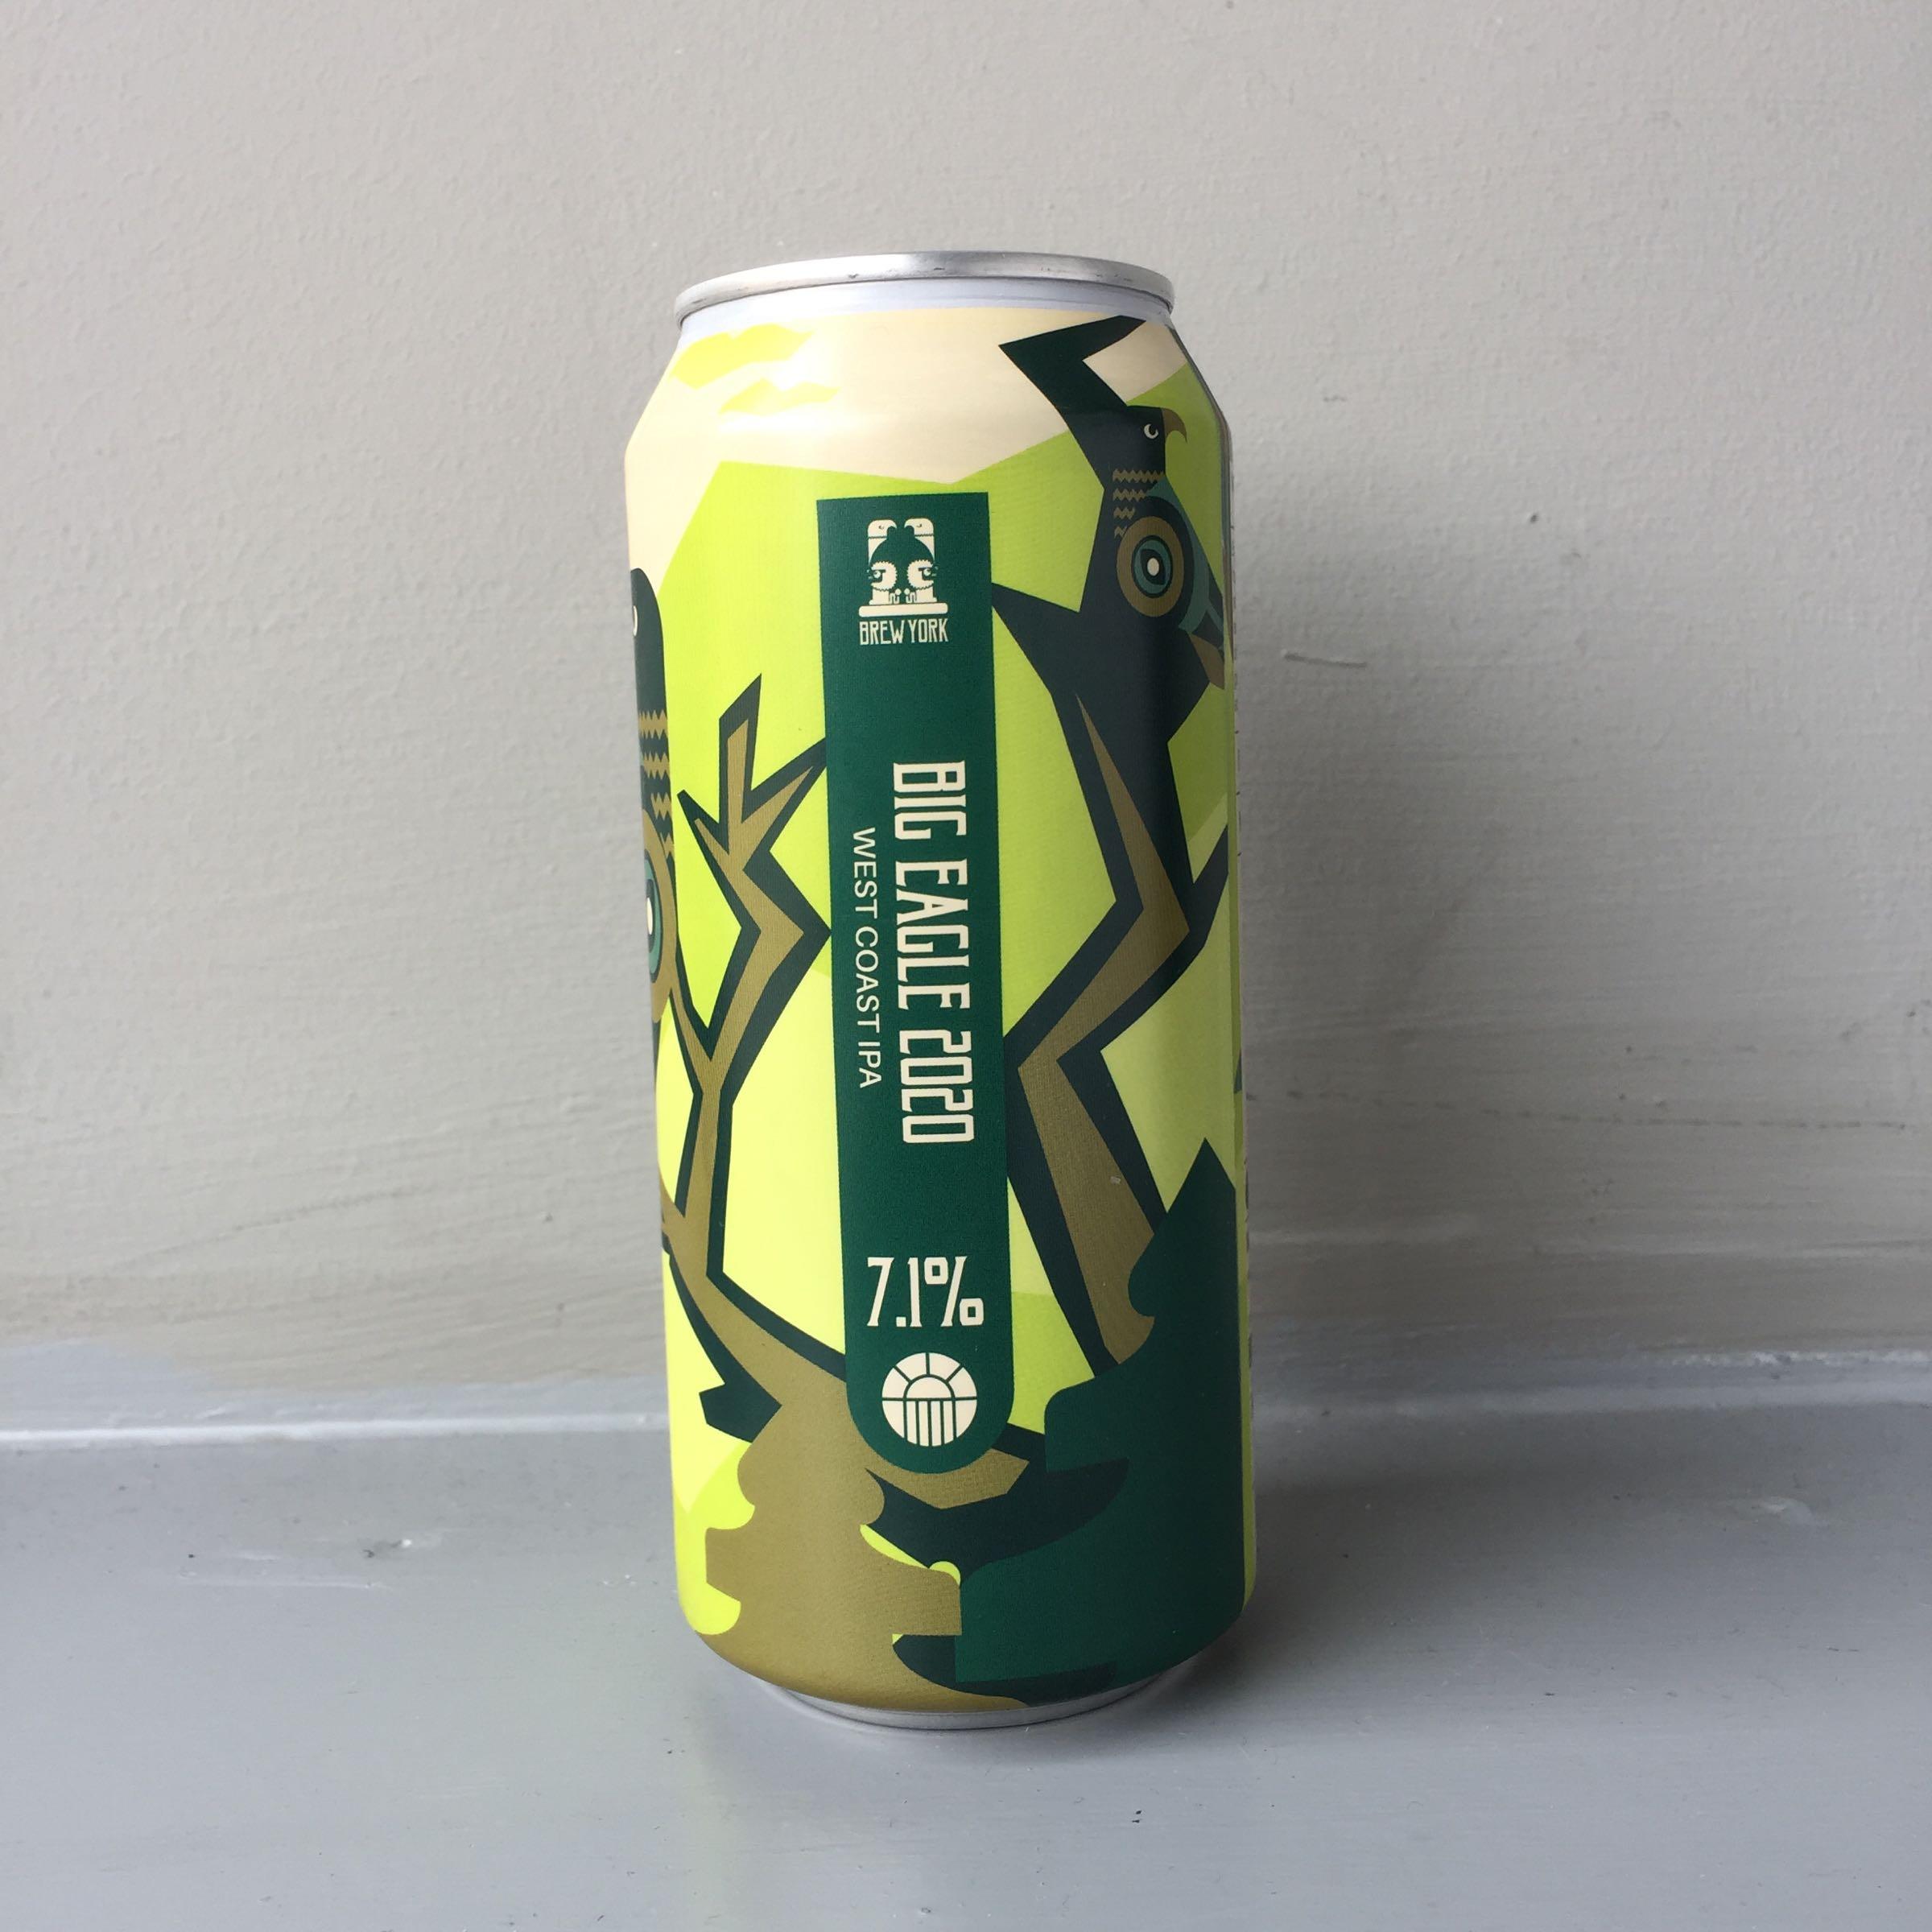 Brew York 'Big Eagle 2020' West Coast IPA 440ml 7.1% ABV